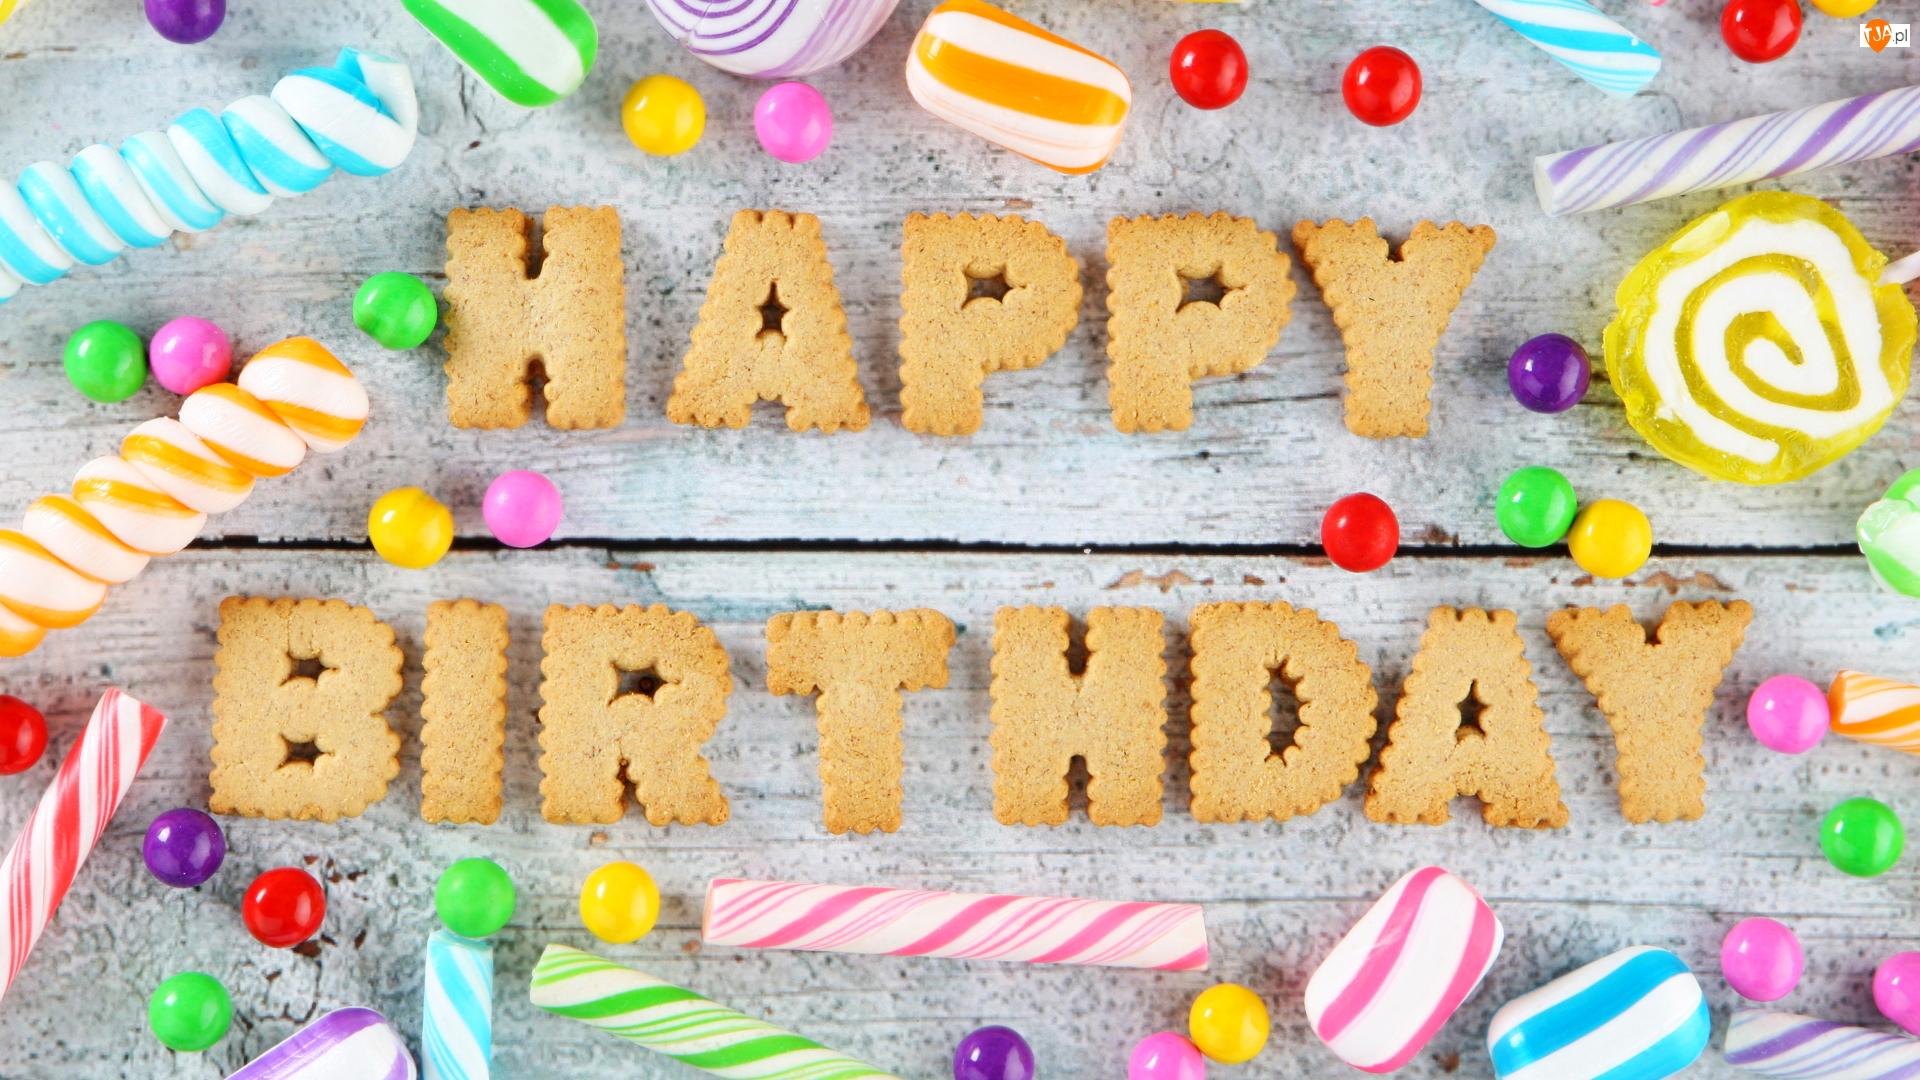 Lizaki, Cukierki, Urodziny, Happy Birthday, Ciasteczka, Napis